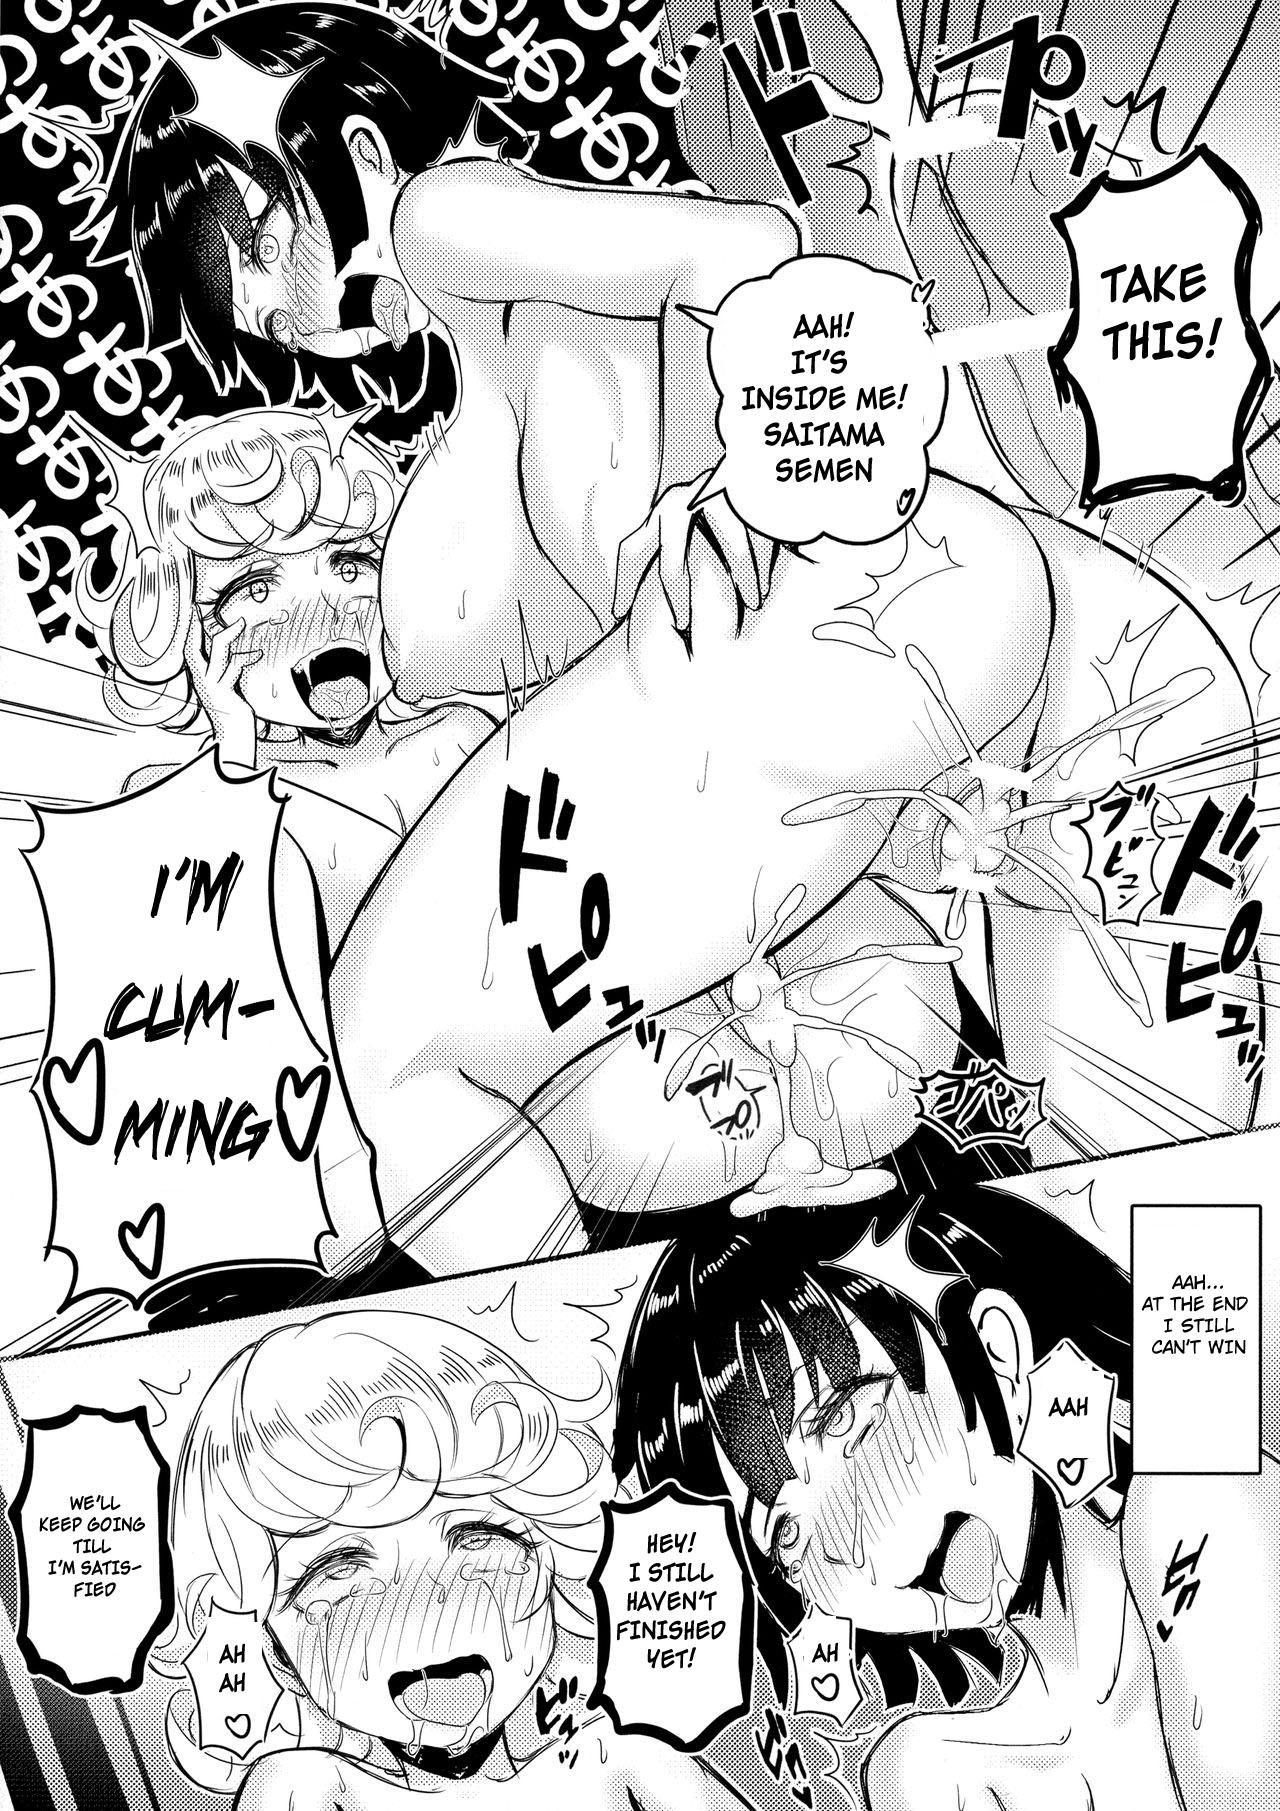 ONE PORNCH MAN Tatsumaki Shimai 20